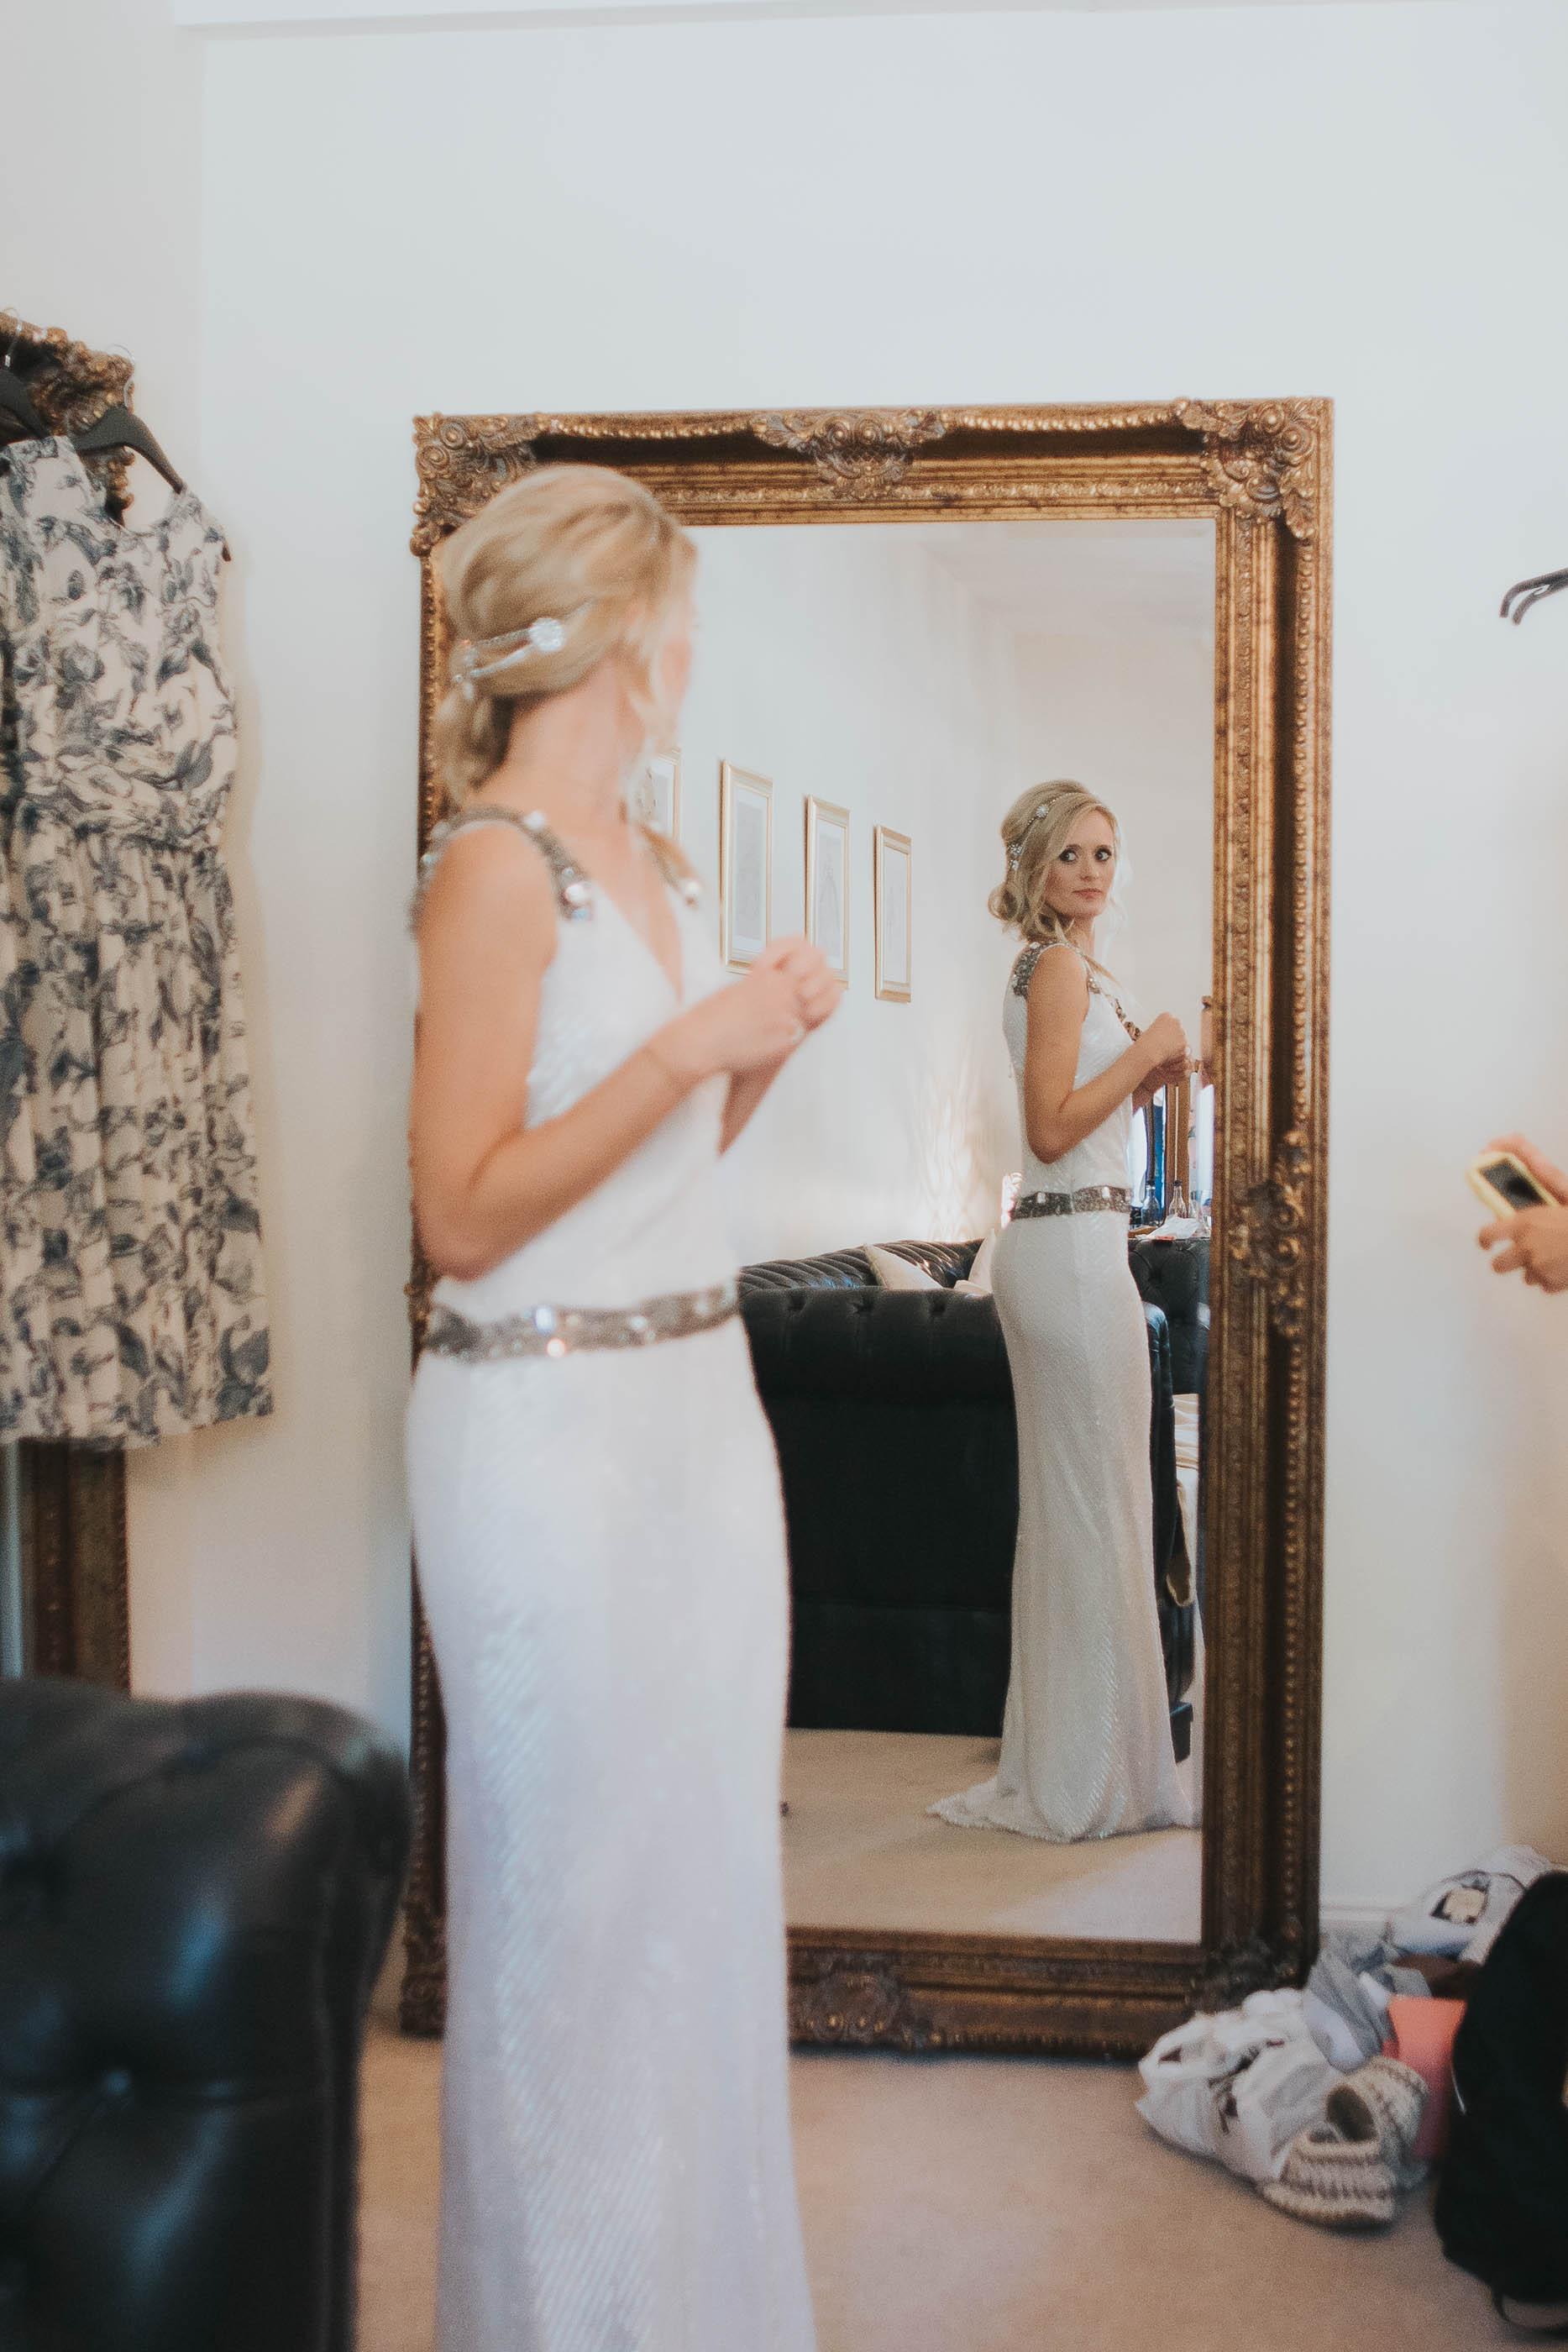 Creative Unique Wedding Photographer Essex Suffolk UK Wedding Photographer www.purplepeartreephotography.com (244).JPG